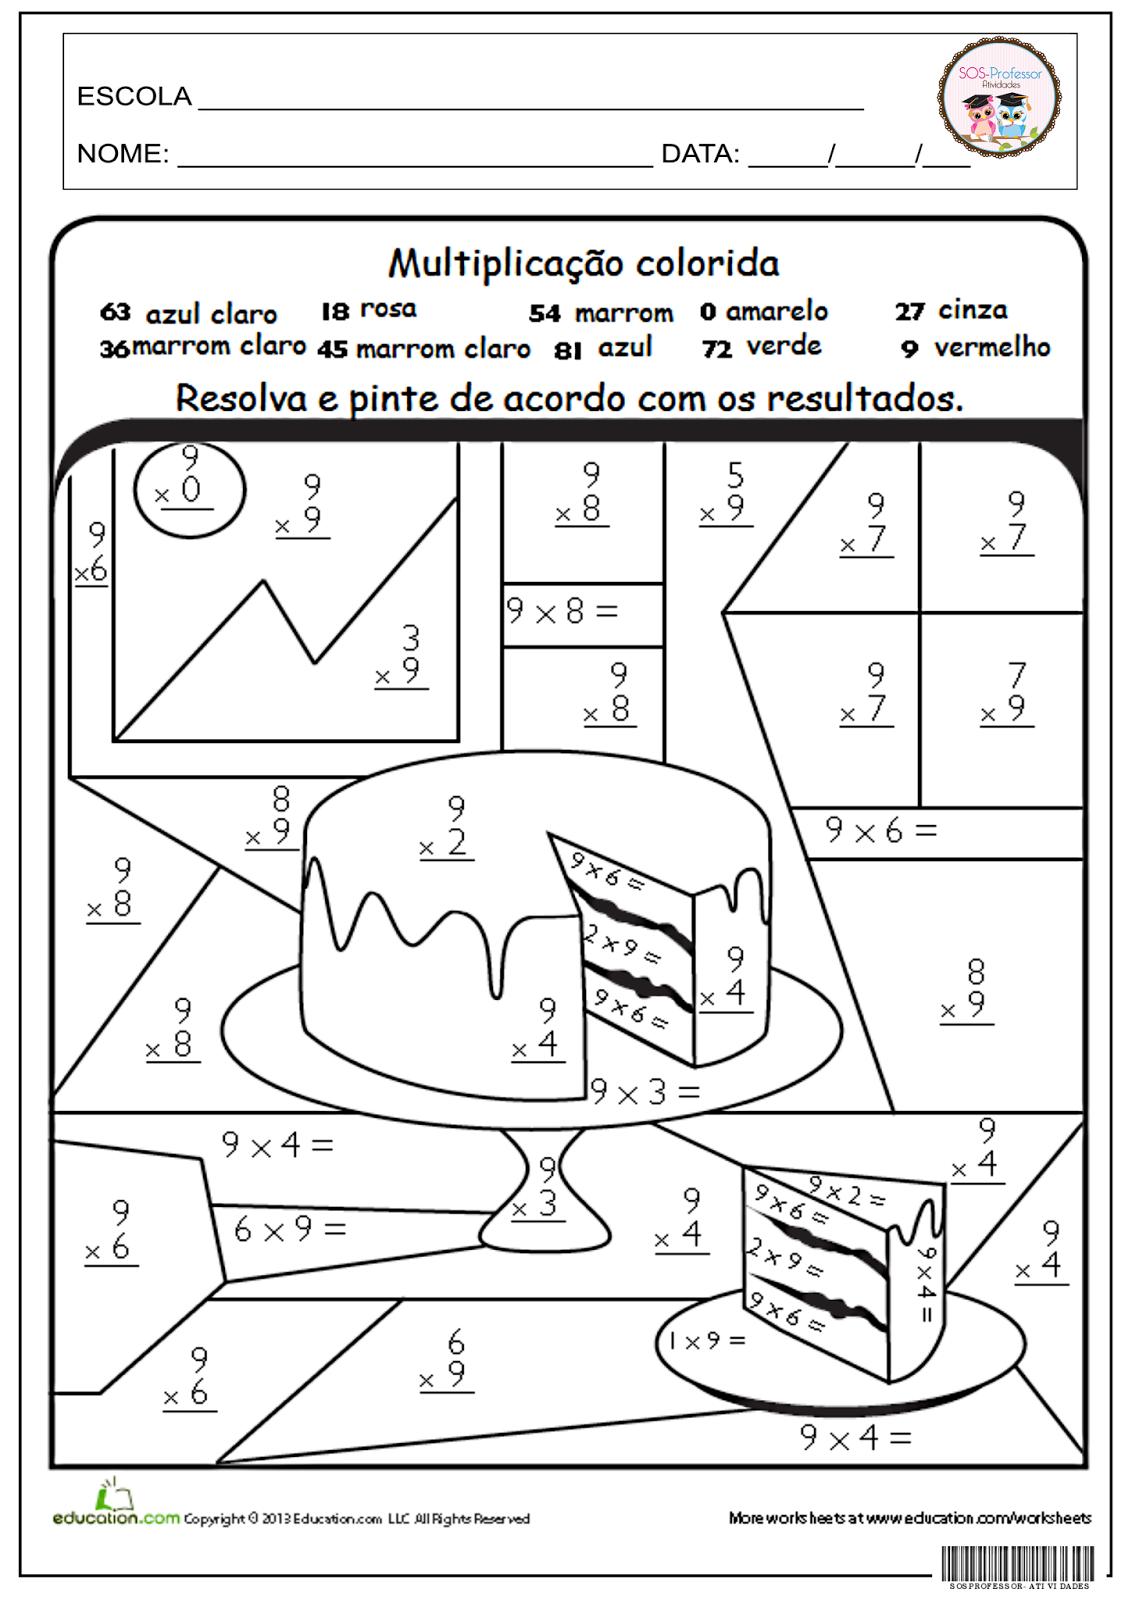 SOS PROFESSOR-ATIVIDADES: Multiplicação colorida | 3 ano | Pinterest ...